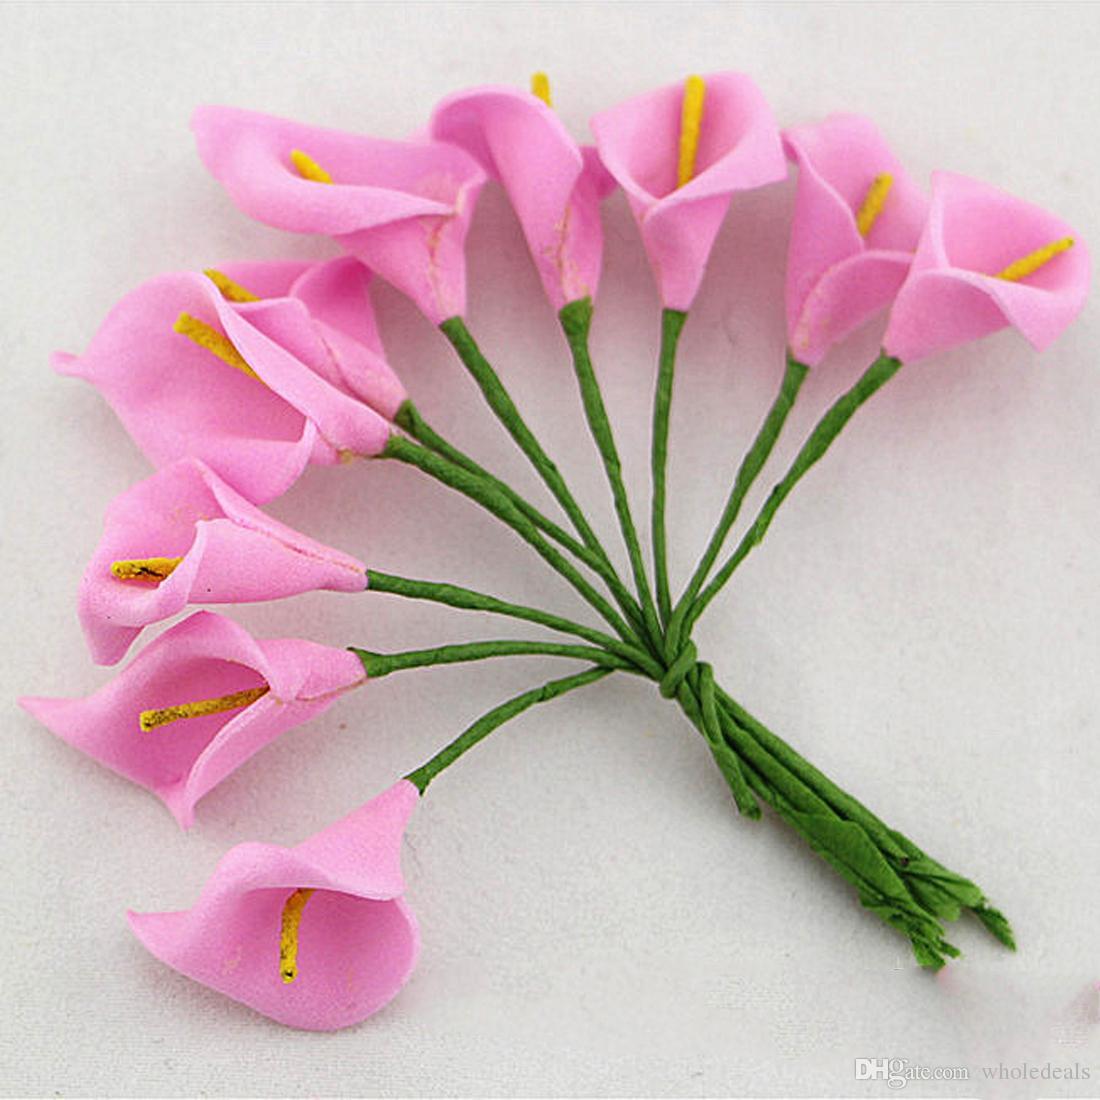 12 teile / los Mini Schaum Calla Handgemachte Künstliche Blume Bouquet Hochzeit Dekoration DIY Kranz Geschenkbox Scrapbooking Handwerk Gefälschte Blume